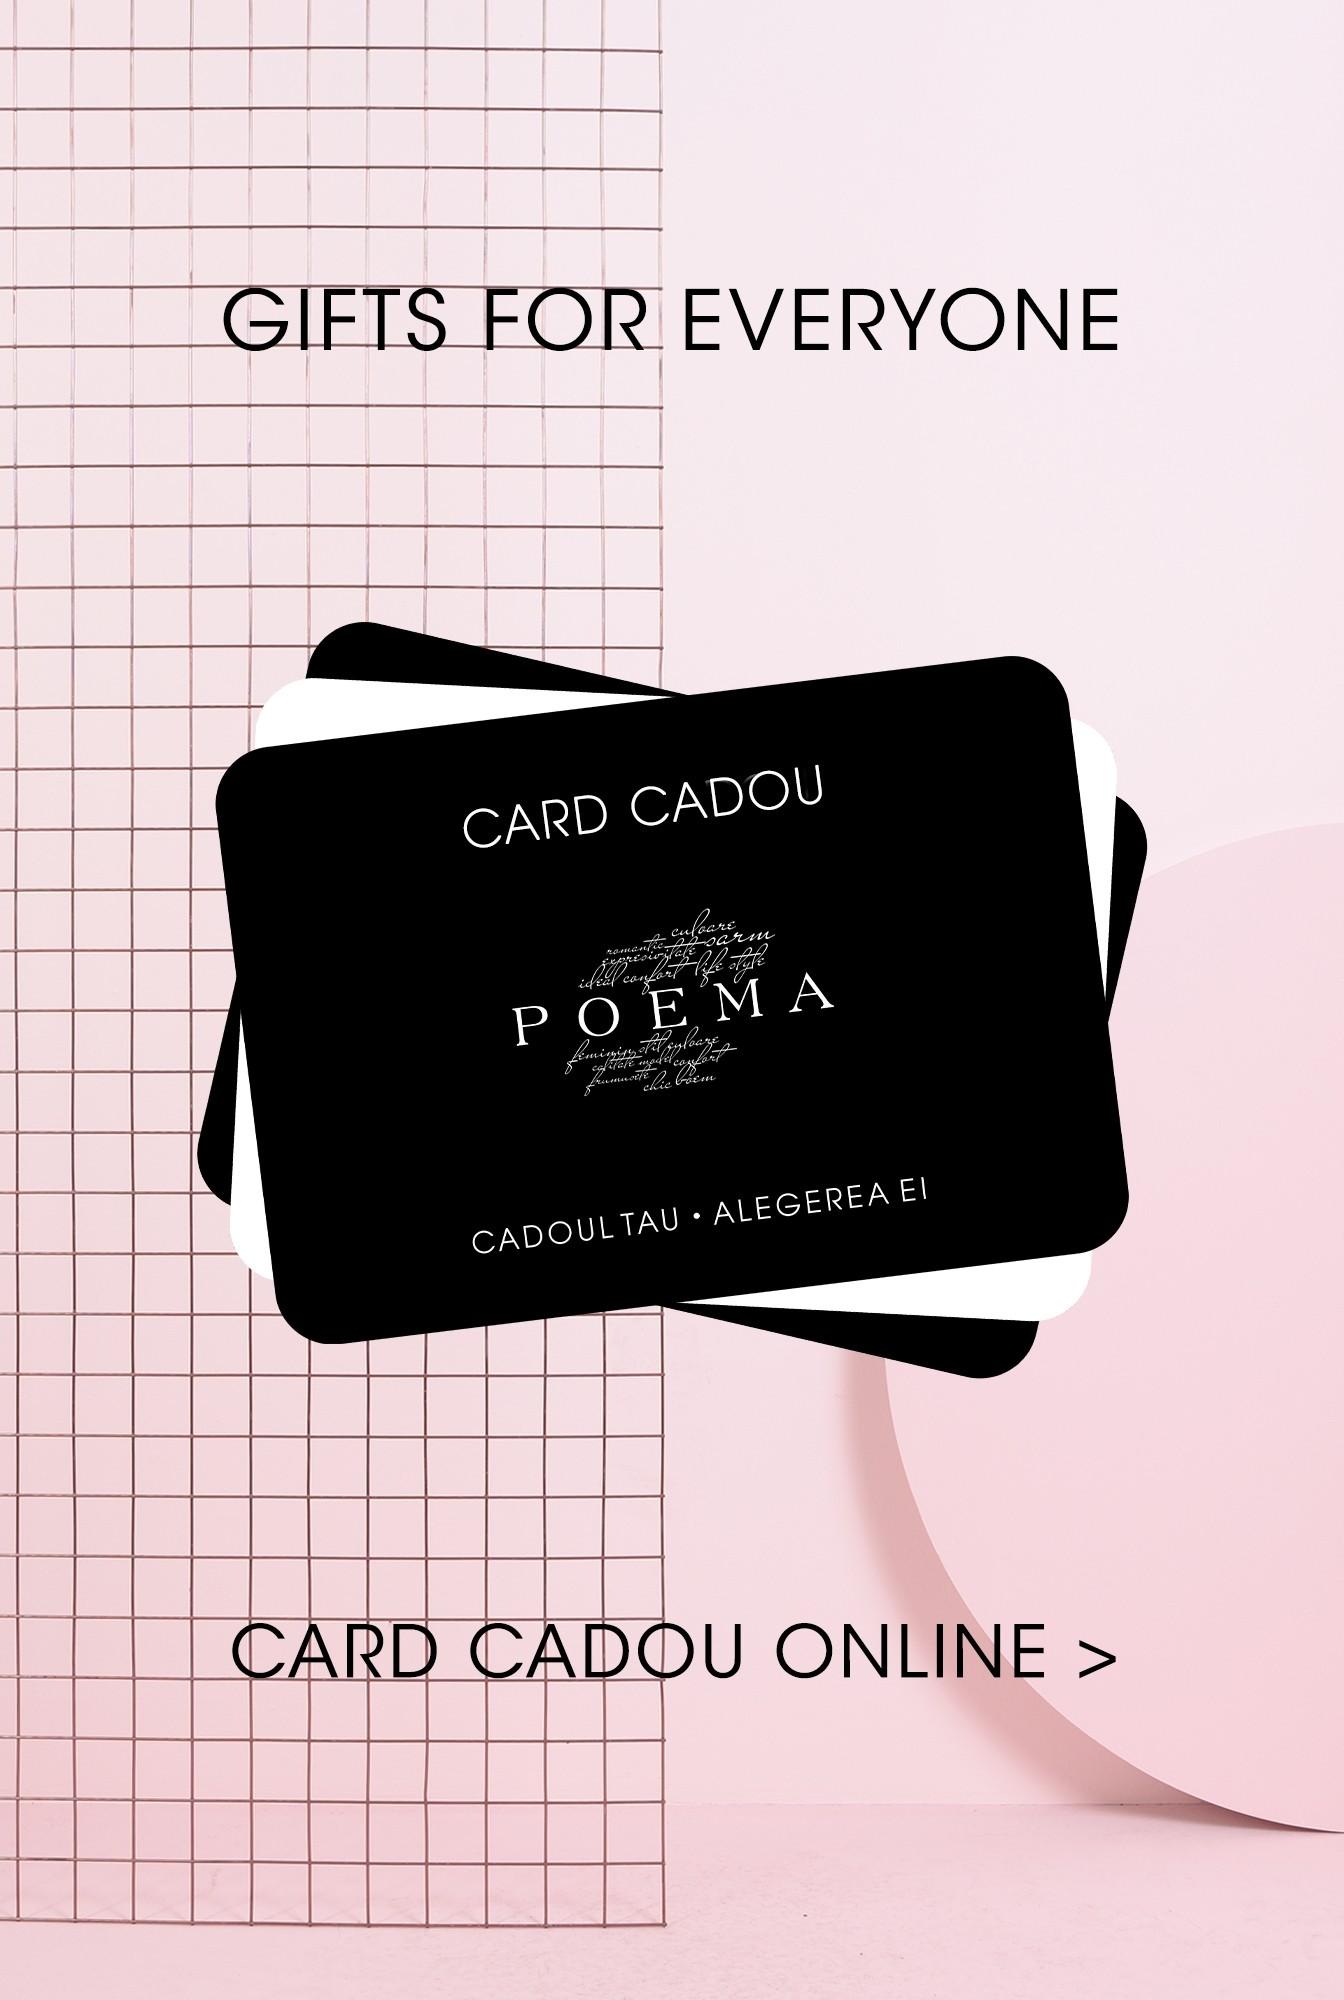 0 - Daruieste online un card cadou POEMA